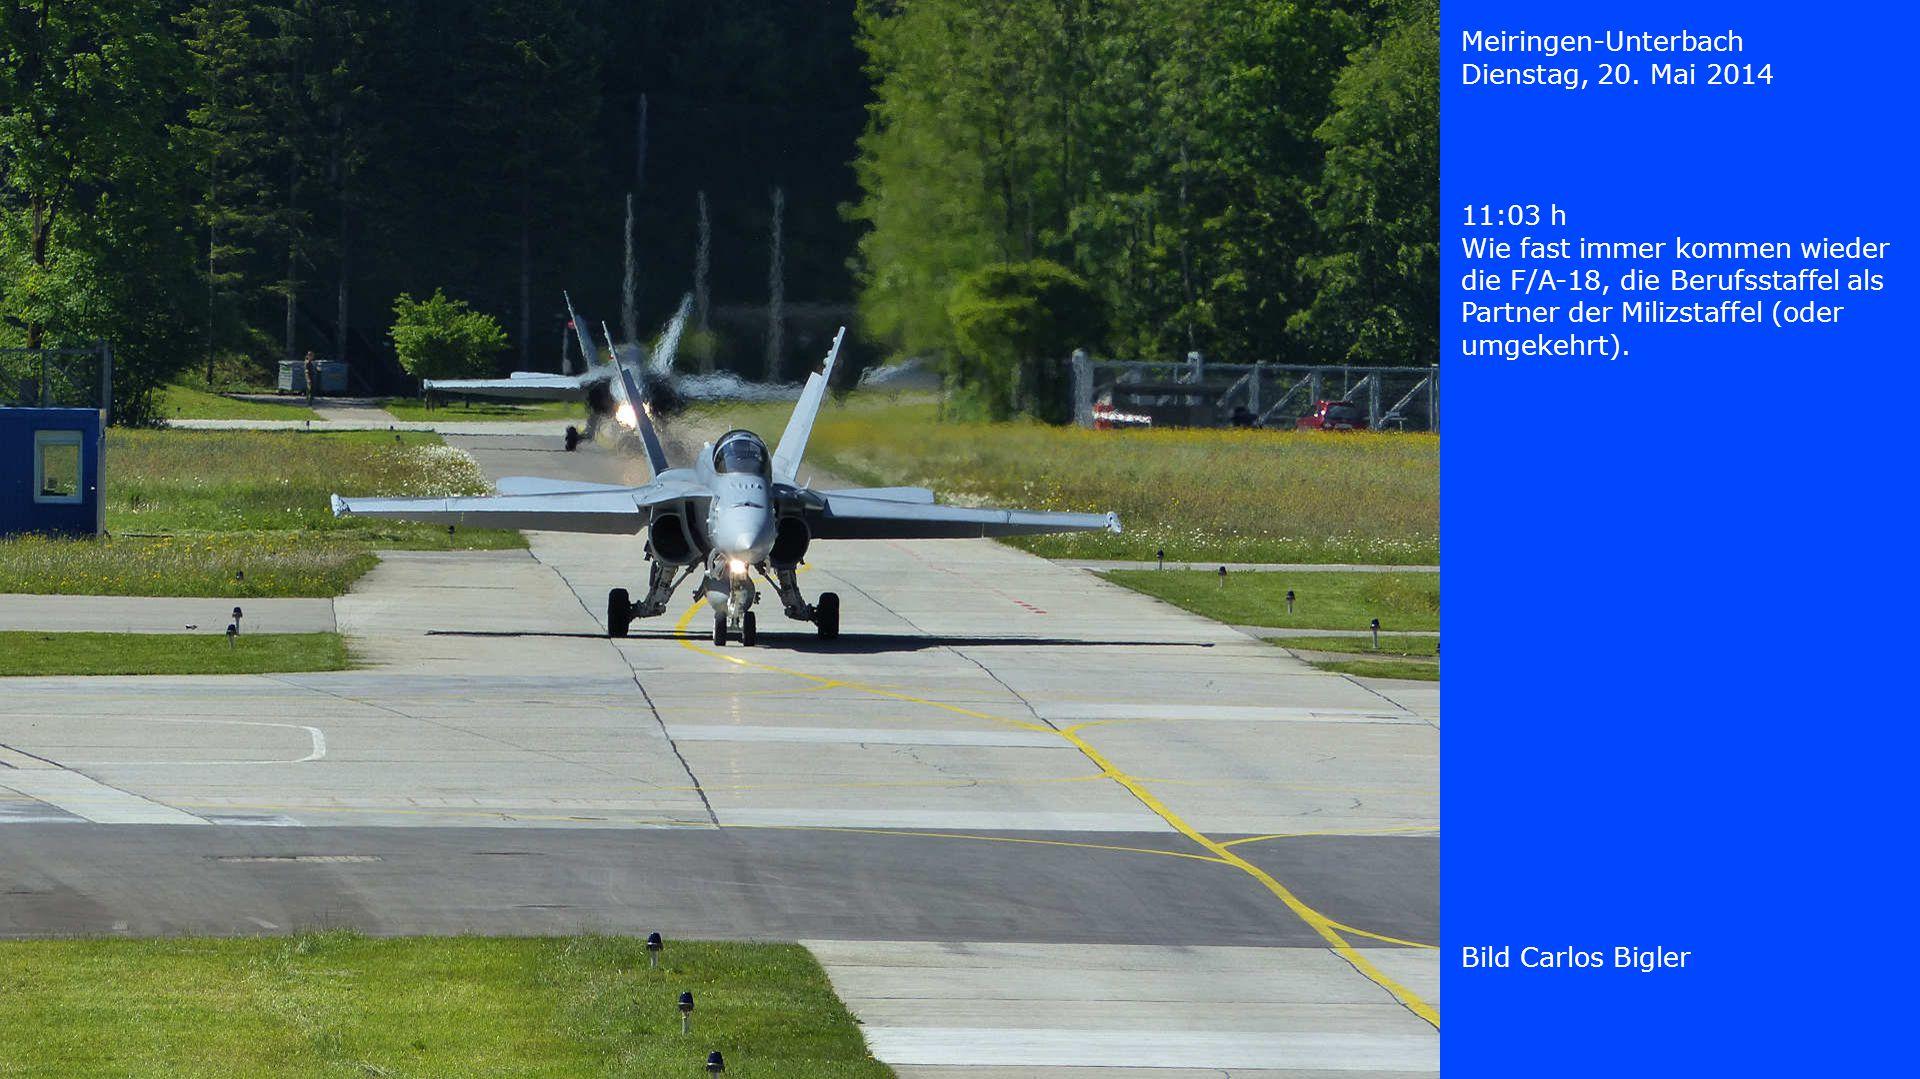 Meiringen-Unterbach Dienstag, 20. Mai 2014 Bild Carlos Bigler 11:03 h Wie fast immer kommen wieder die F/A-18, die Berufsstaffel als Partner der Miliz